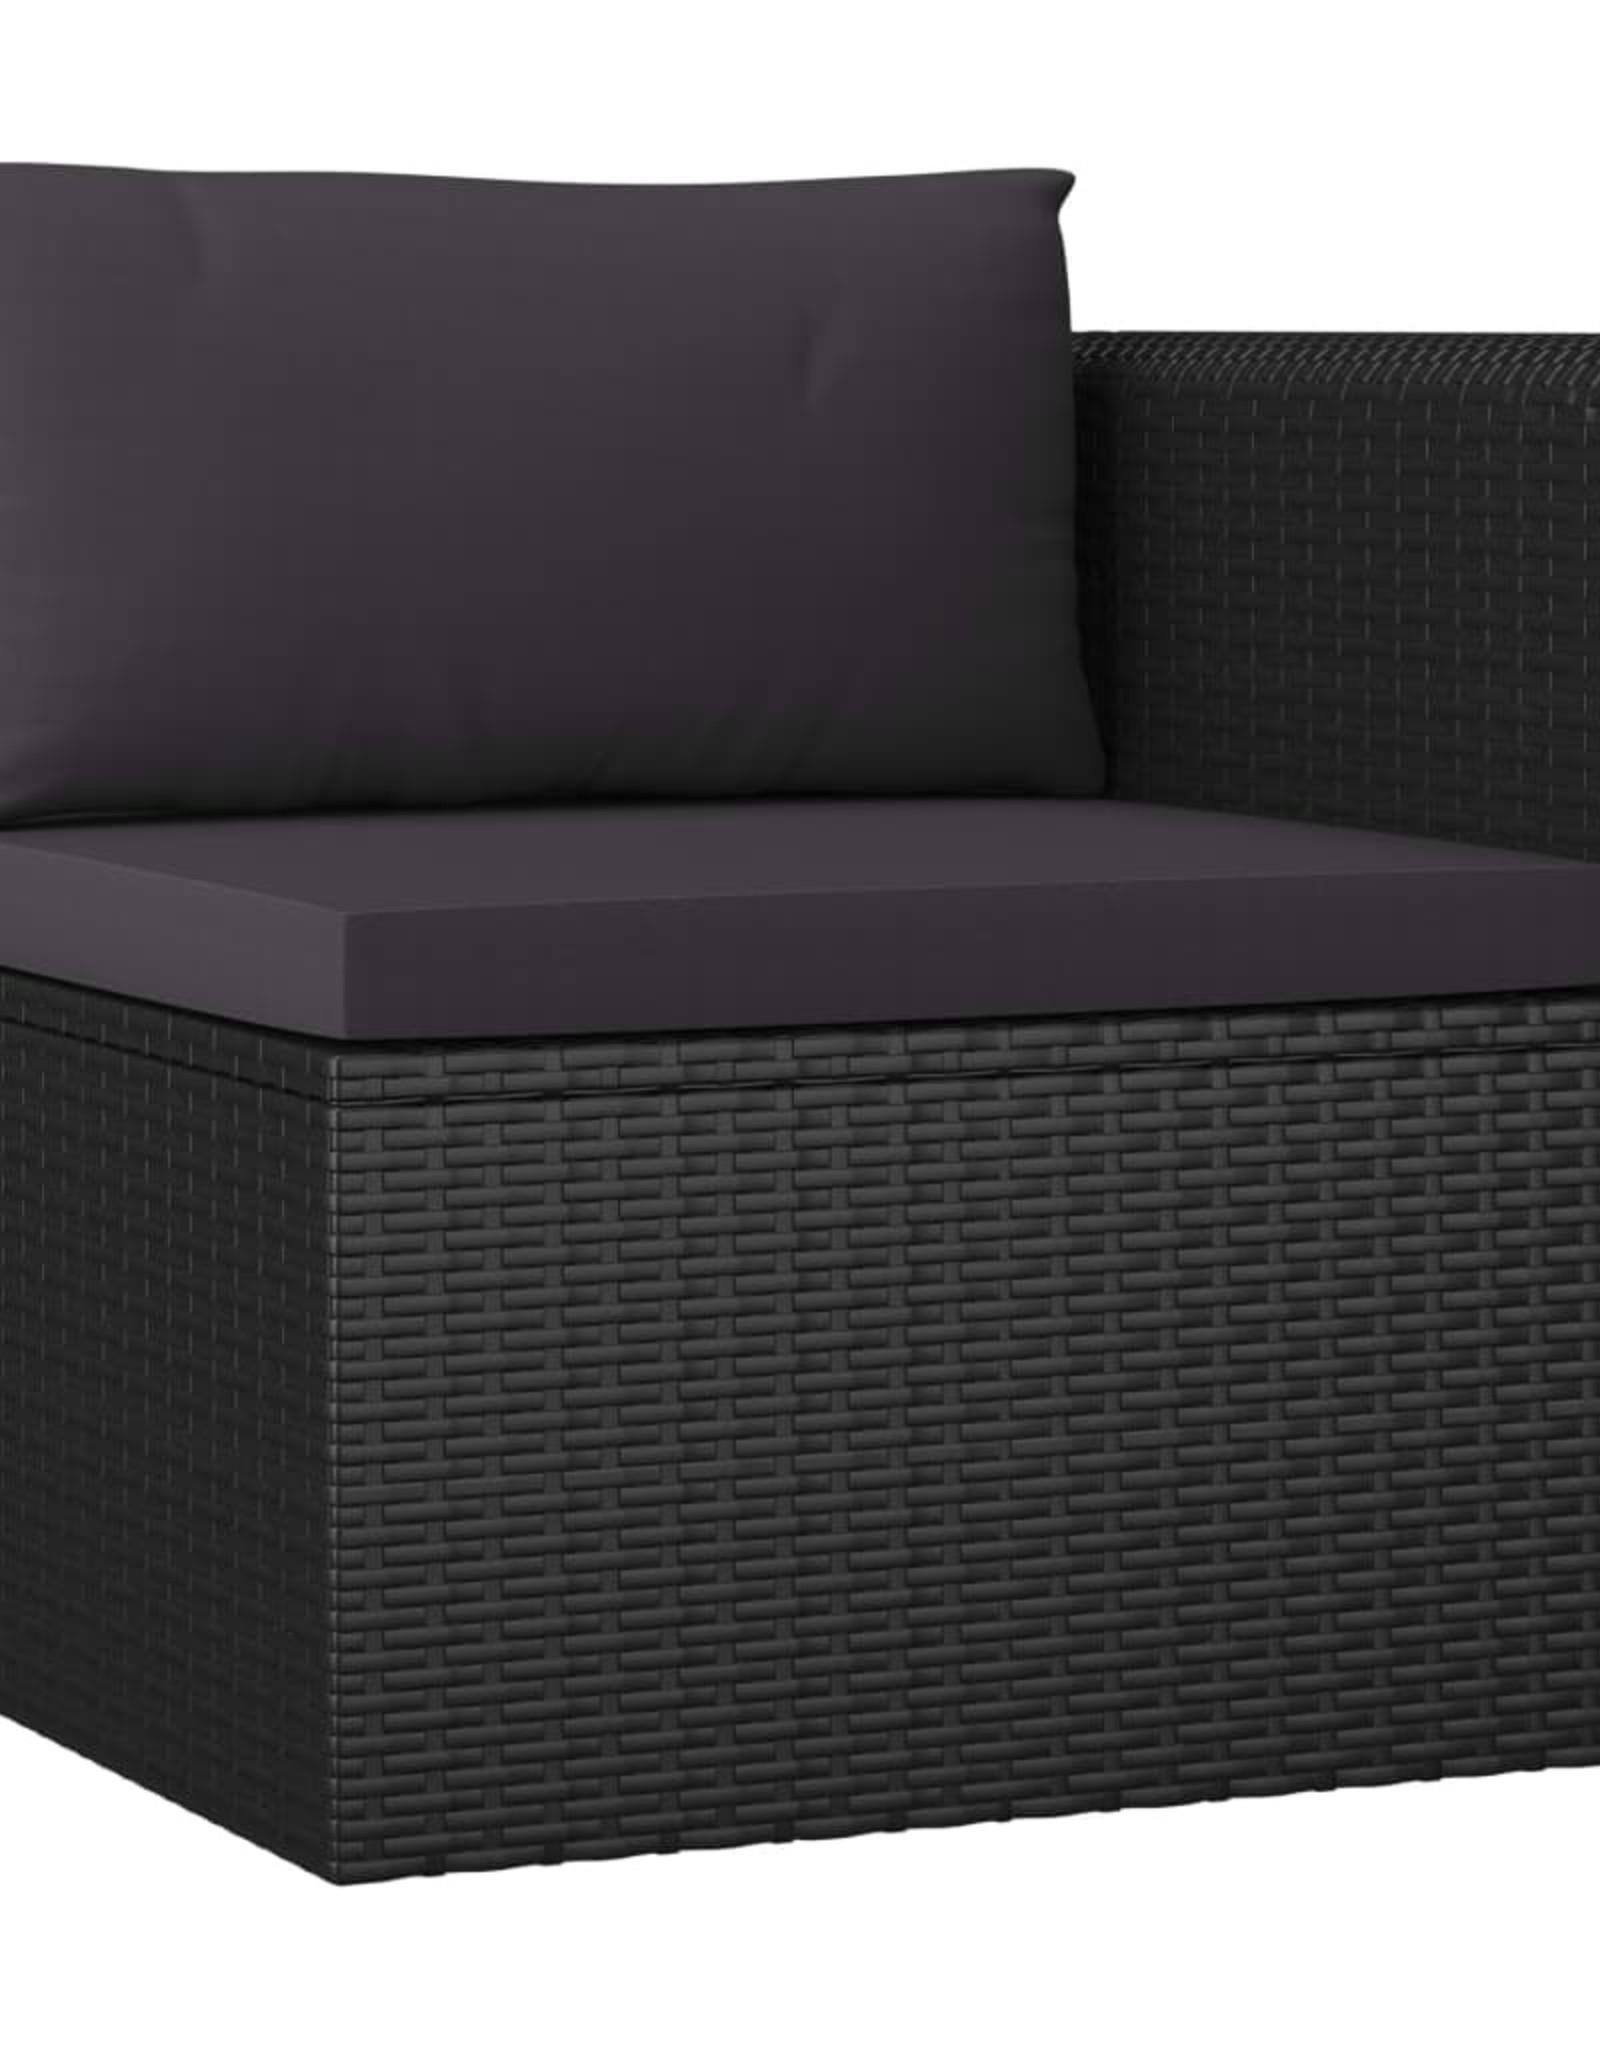 vidaXL 7-delige Loungeset met kussens poly rattan zwart